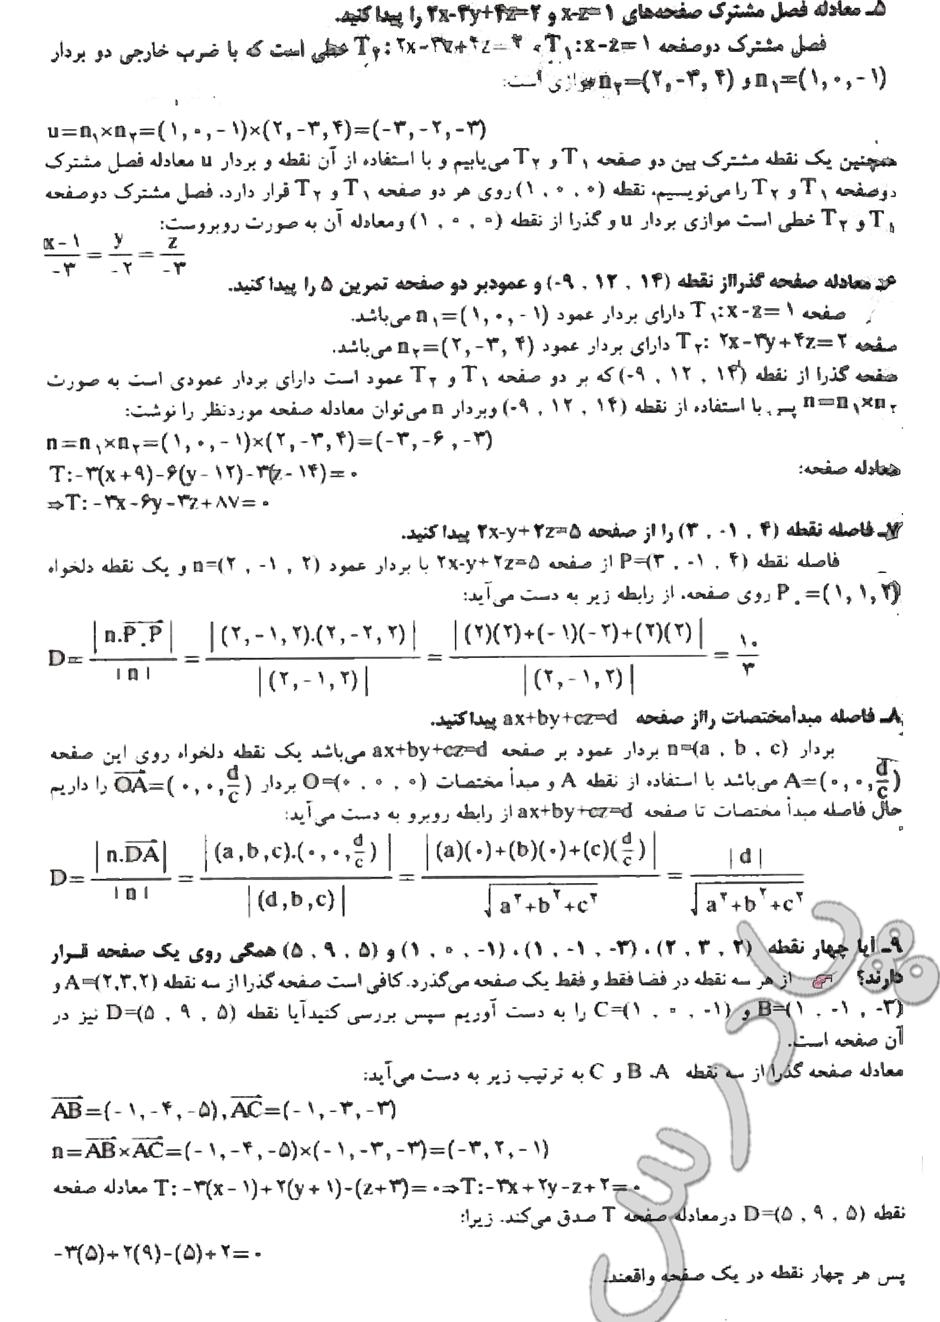 حل تمرین 5 تا 9 صفحه 47 فصل دوم هندسه تحلیلی پیش دانشگاهی